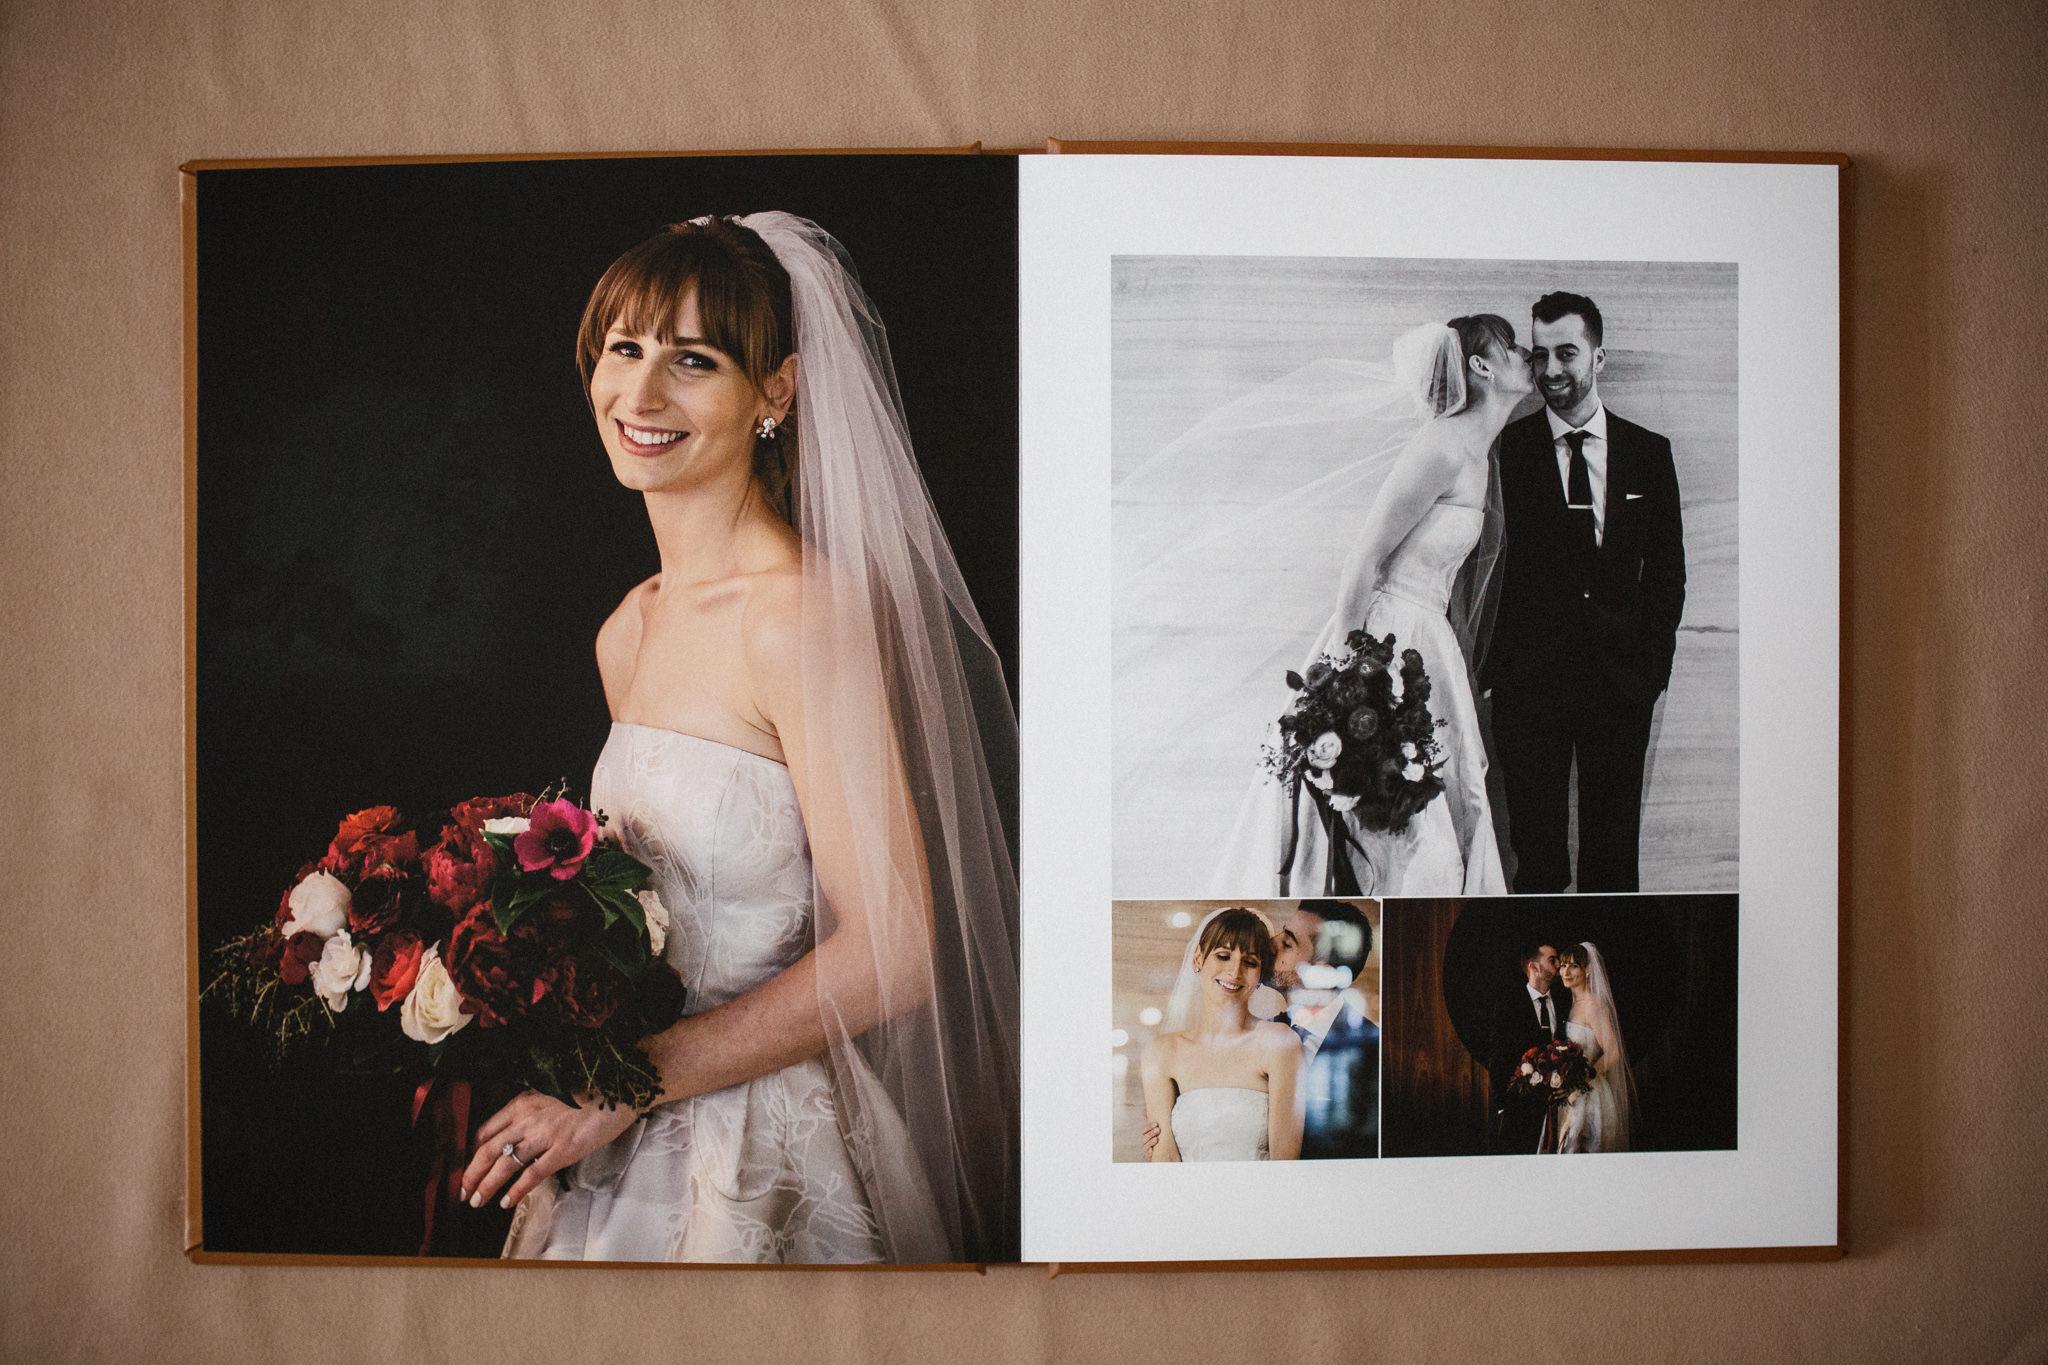 DanijelaWeddings-album-wedding-photos-Toronto-28.JPG